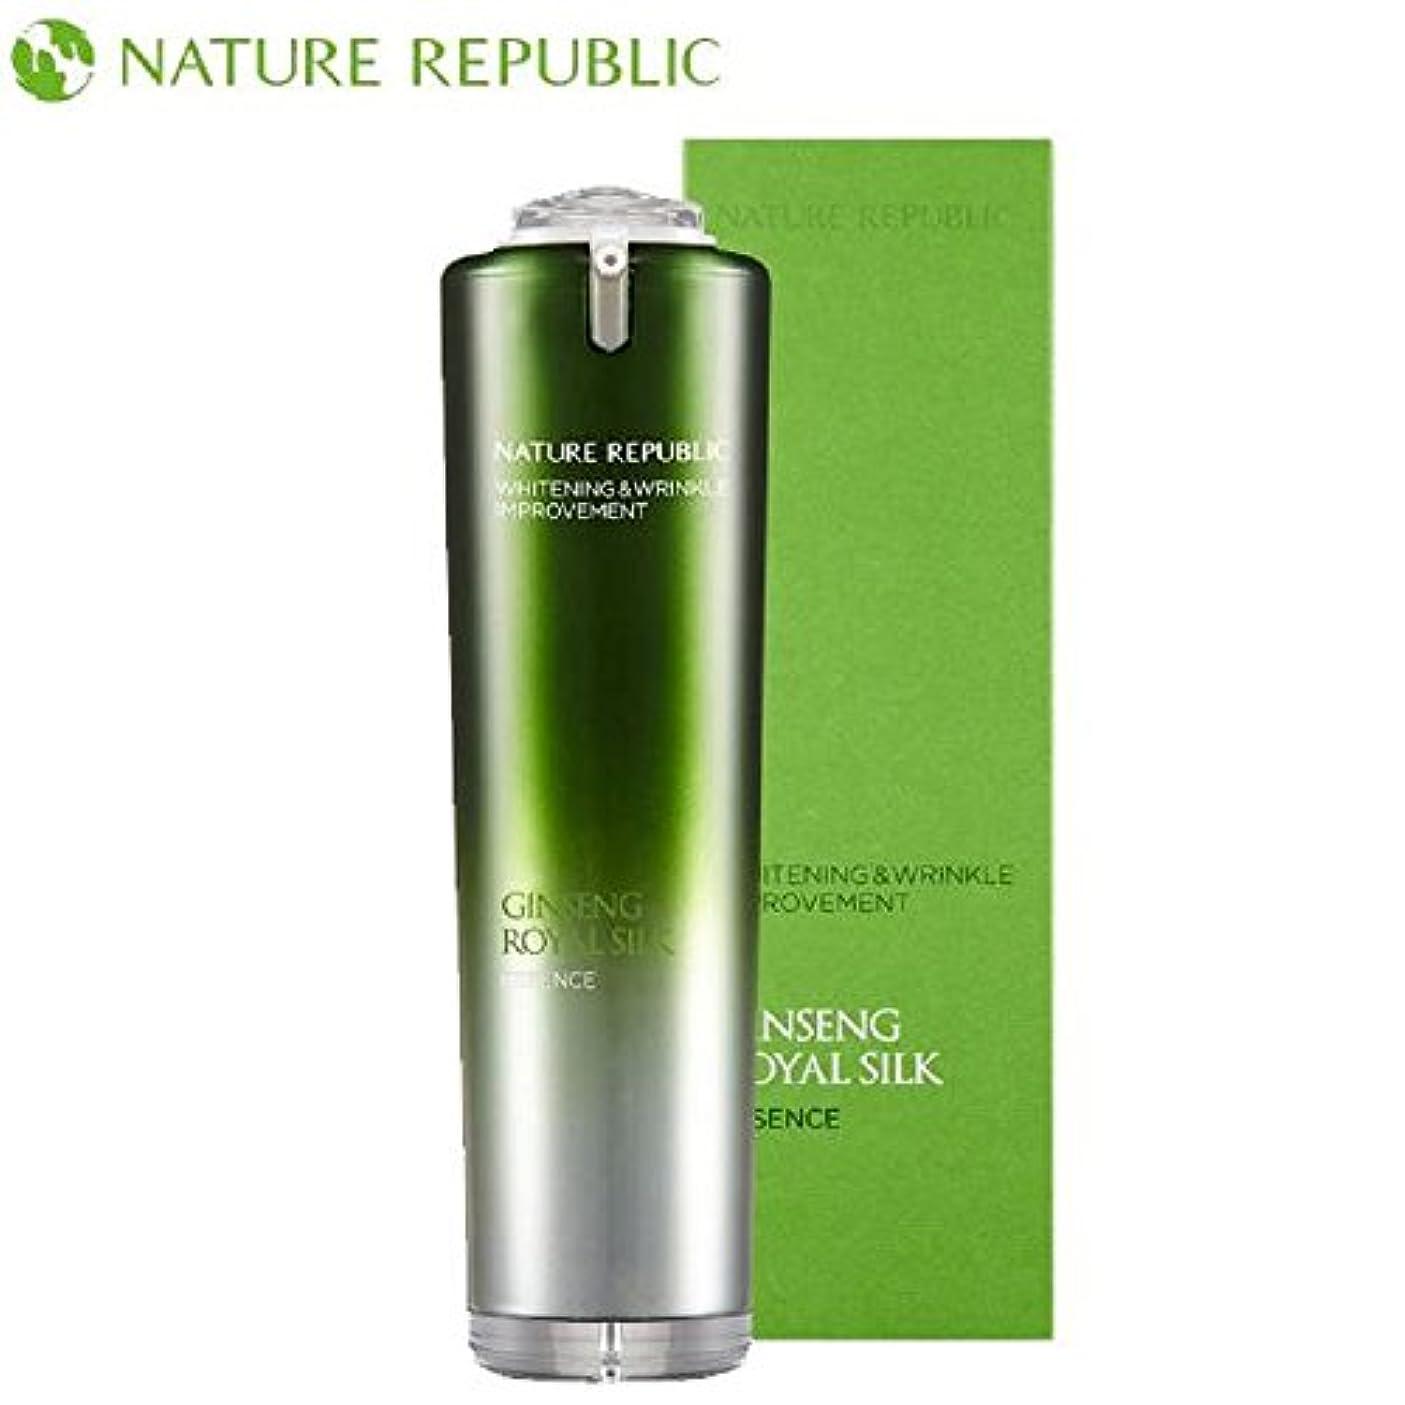 正規輸入品 NATURE REPUBLIC(ネイチャーリパブリック) RY エッセンス GI 美容液 40ml NL8089